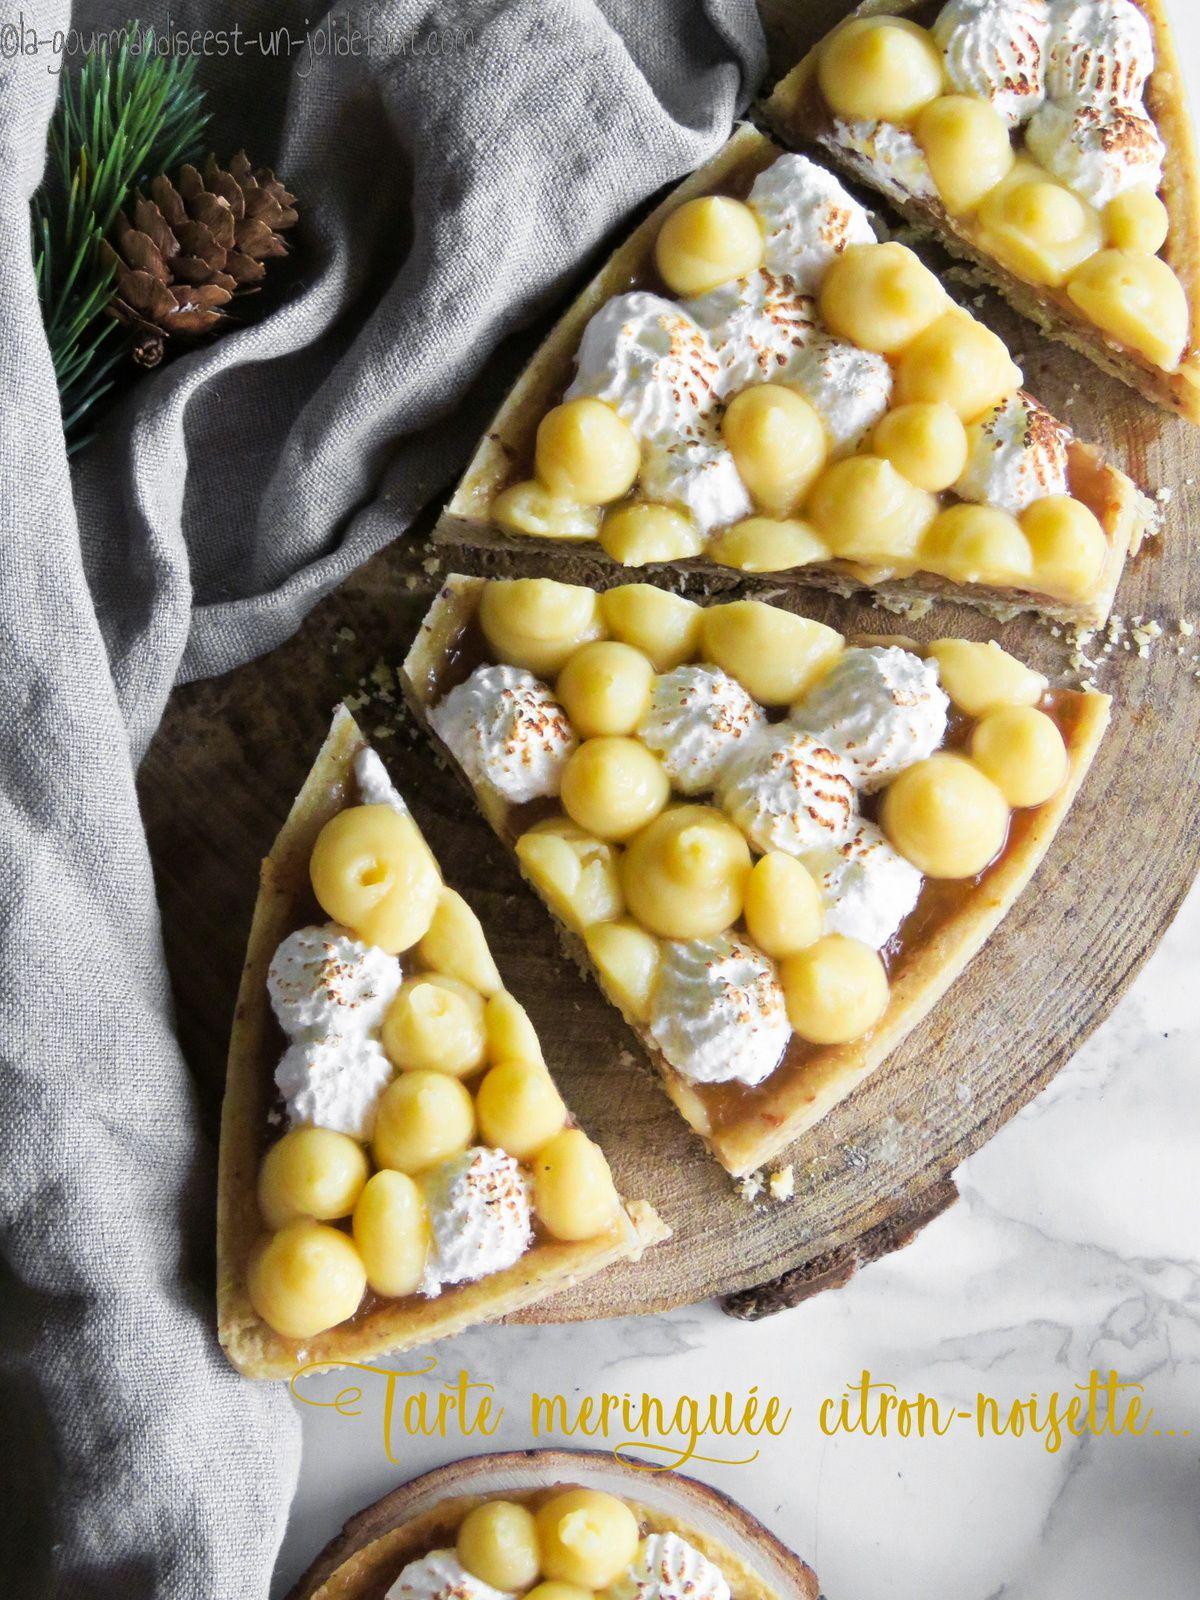 Tartelettes meringuée citron-noisette